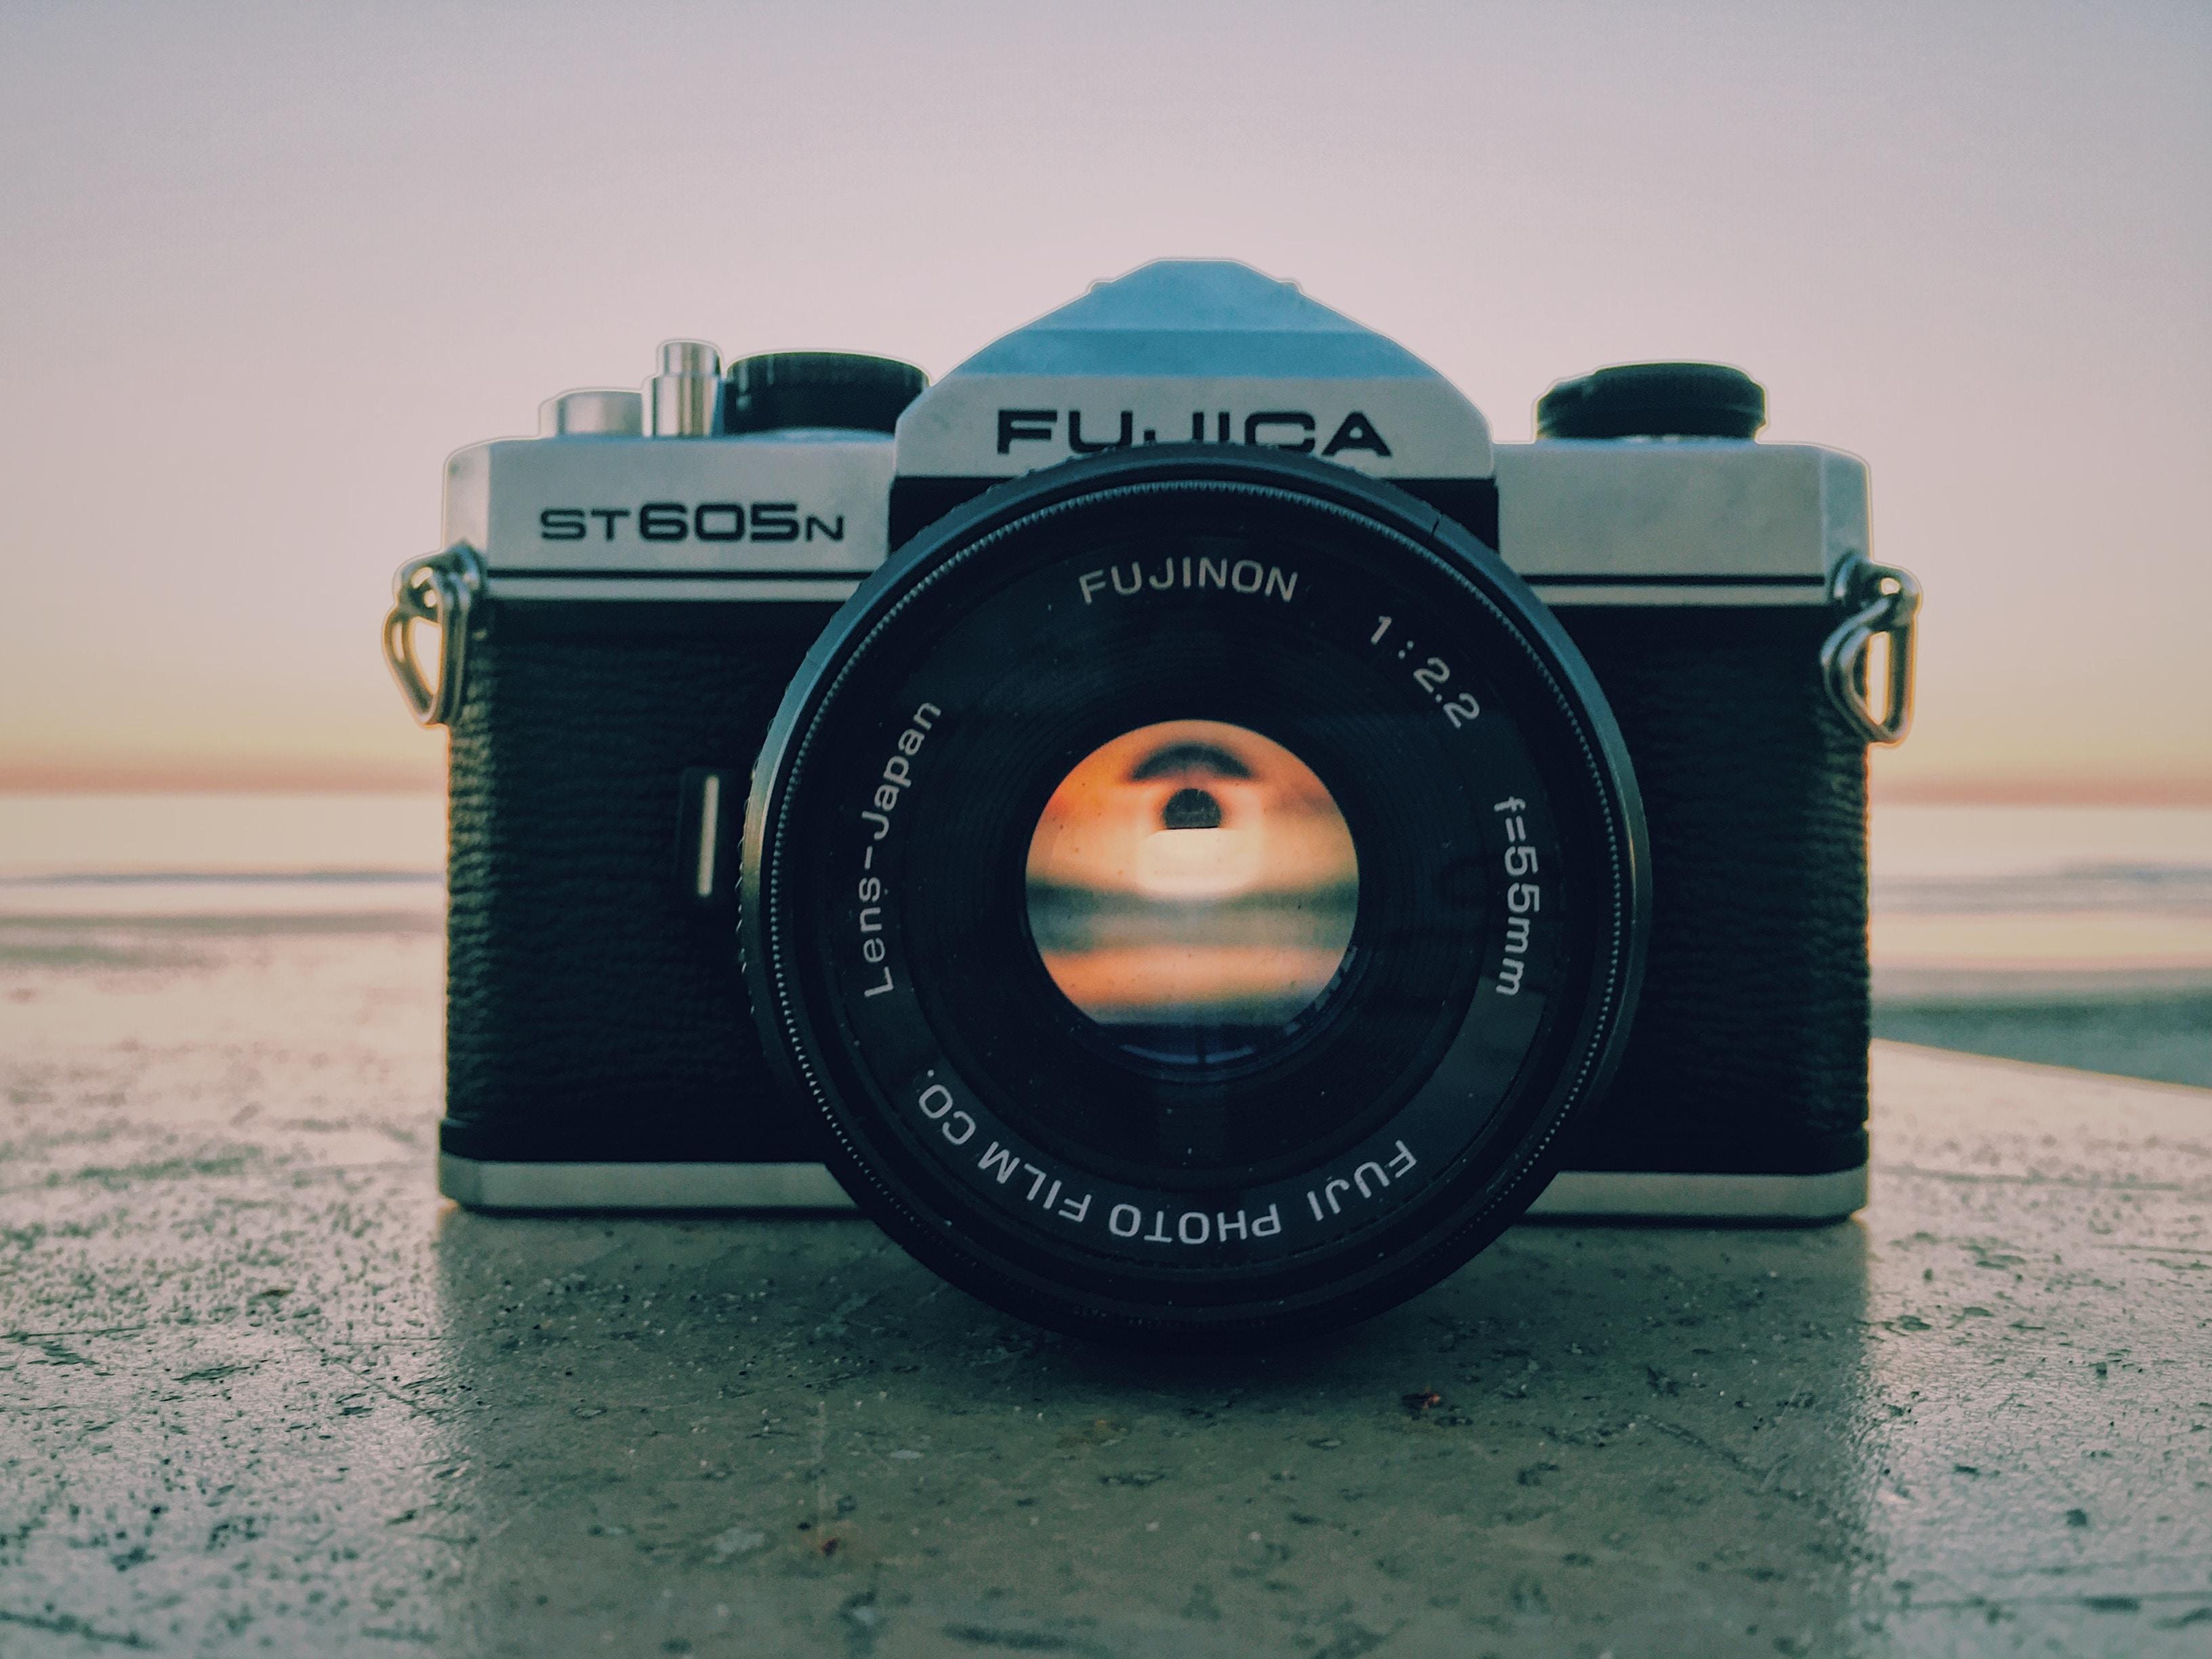 back and white Fujica DLSR camera